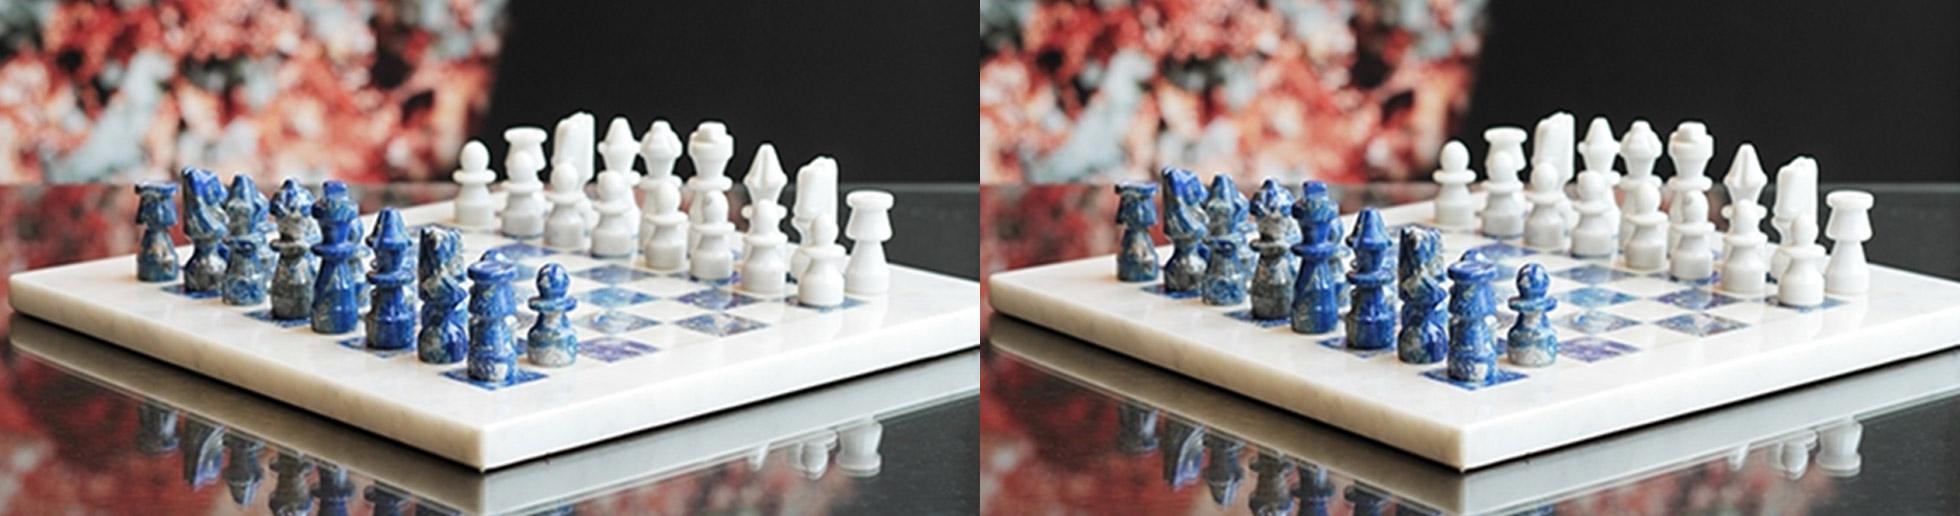 06-ajedrezhome